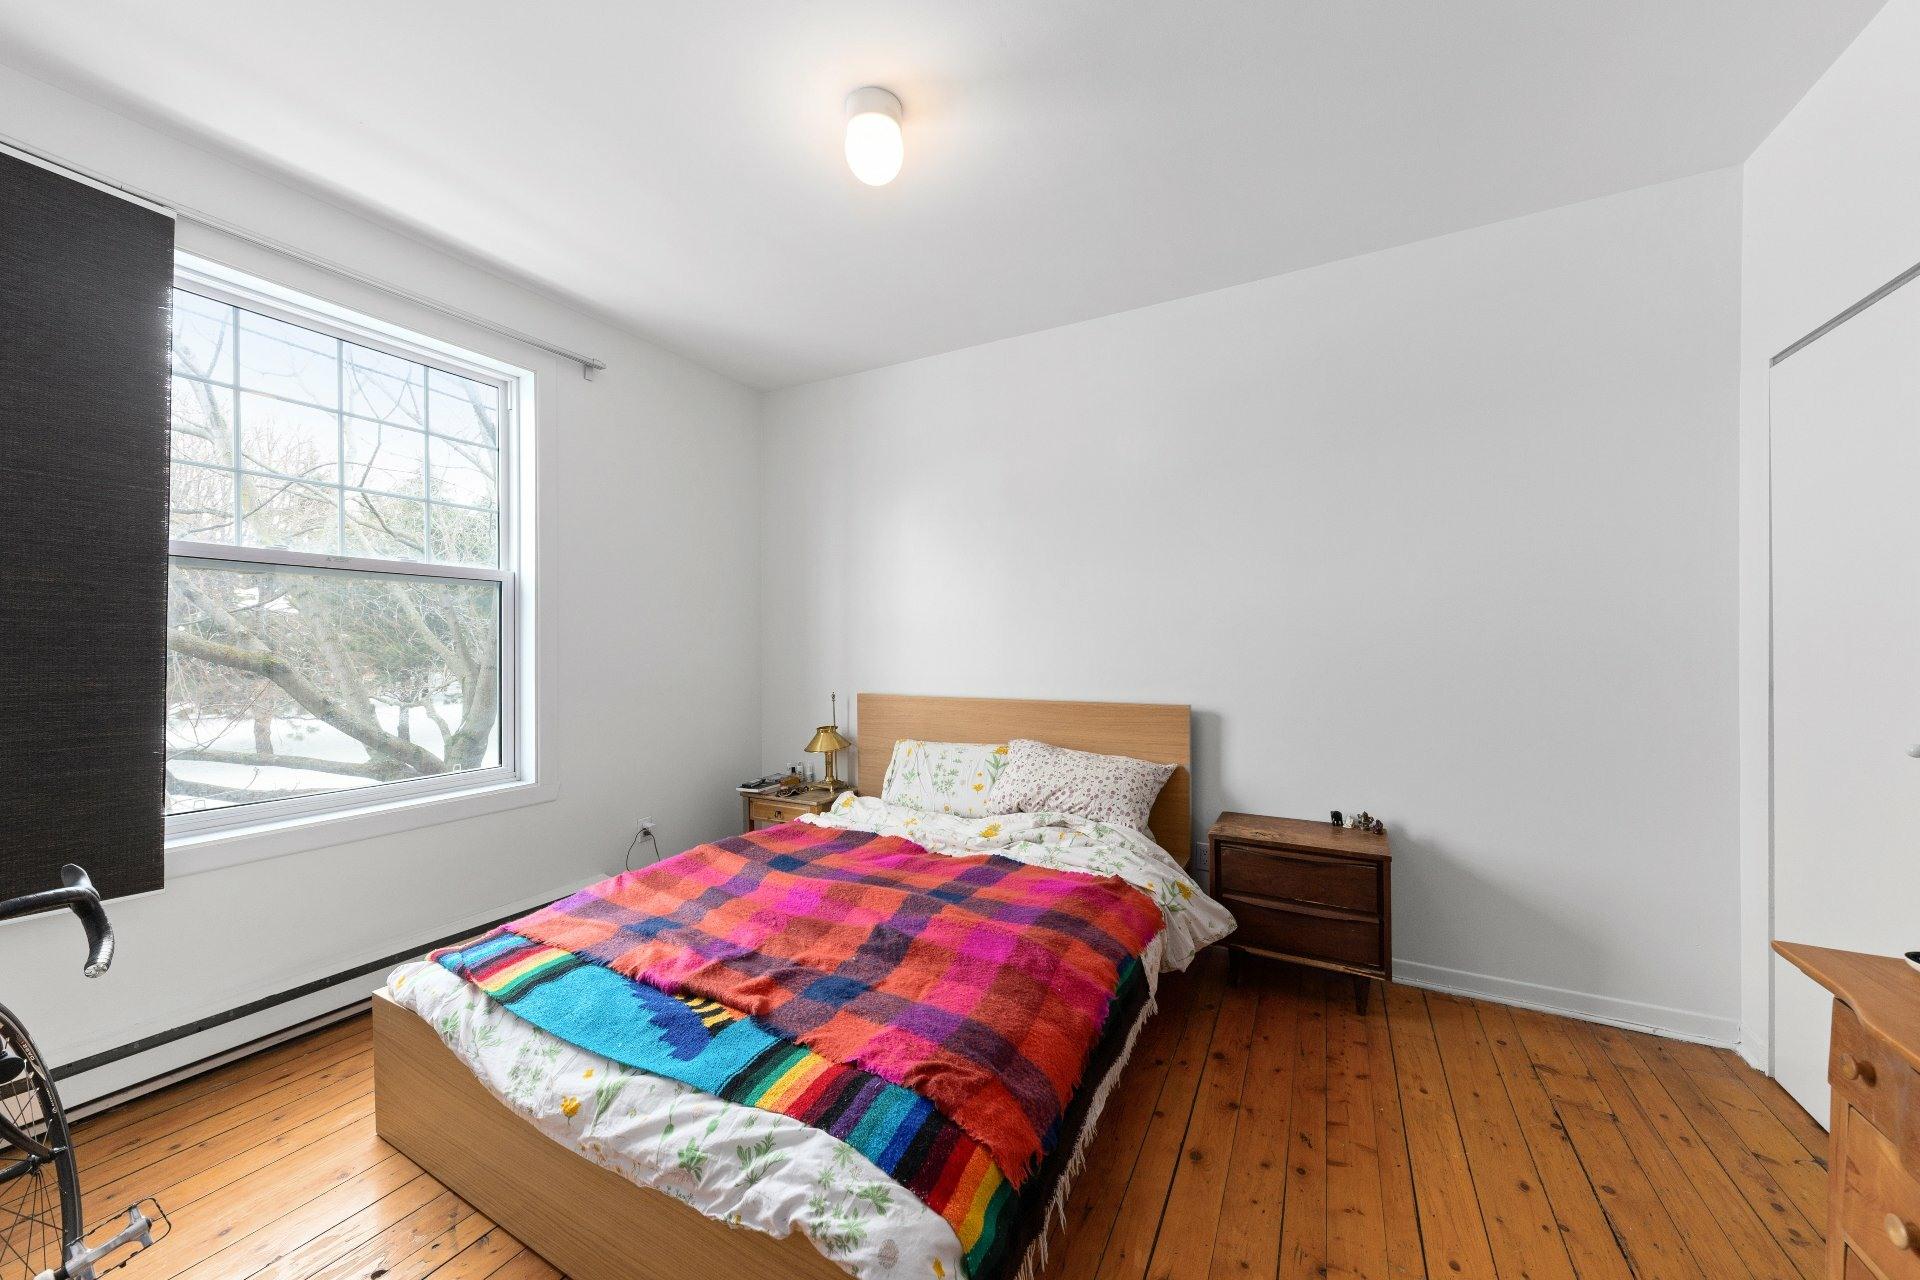 image 35 - Maison À vendre Le Plateau-Mont-Royal Montréal  - 10 pièces